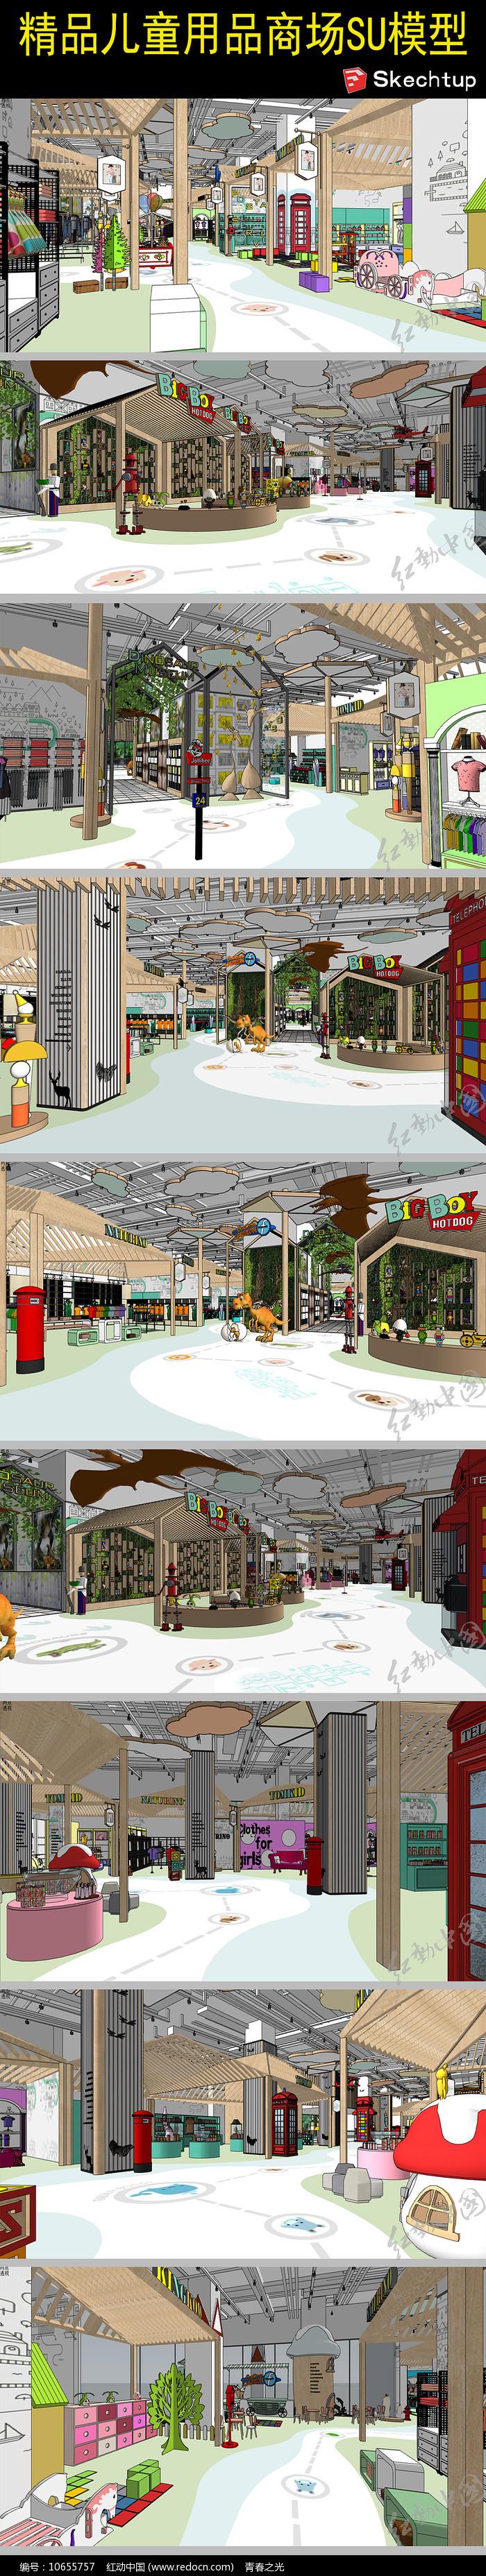 儿童用品商场SU模型图片